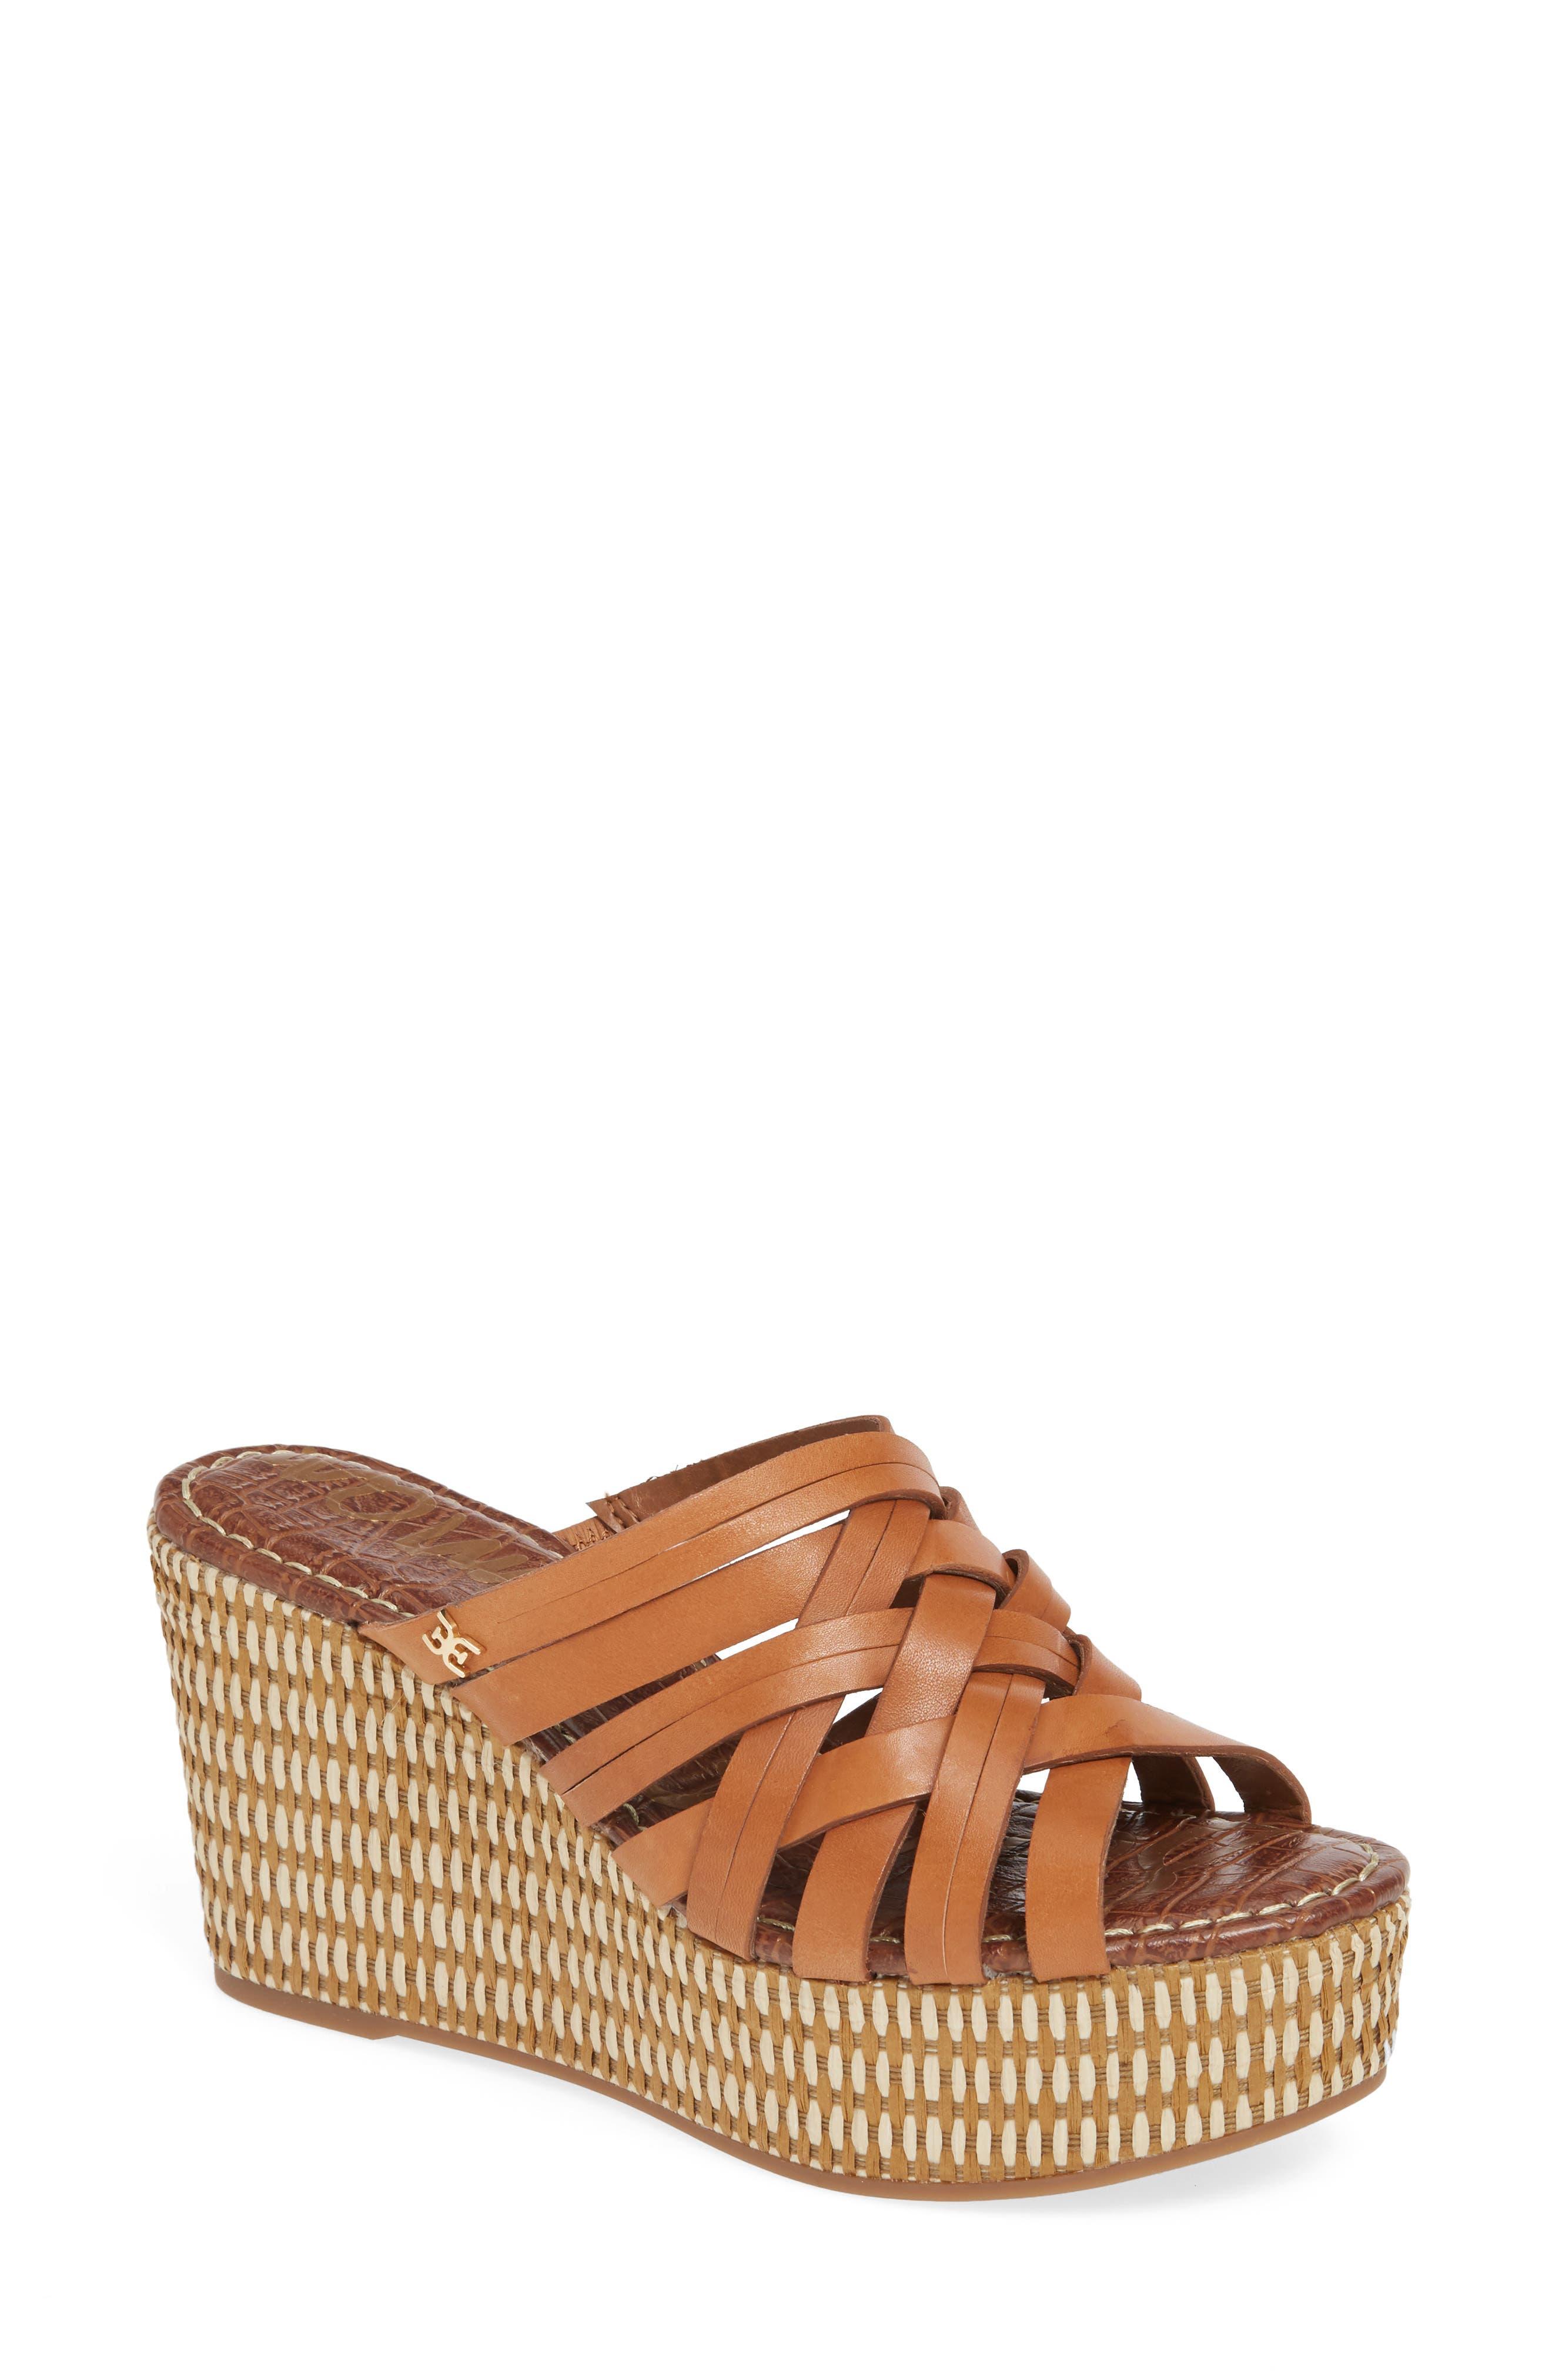 7d41382ae6a Wedges Sam Edelman Shoes